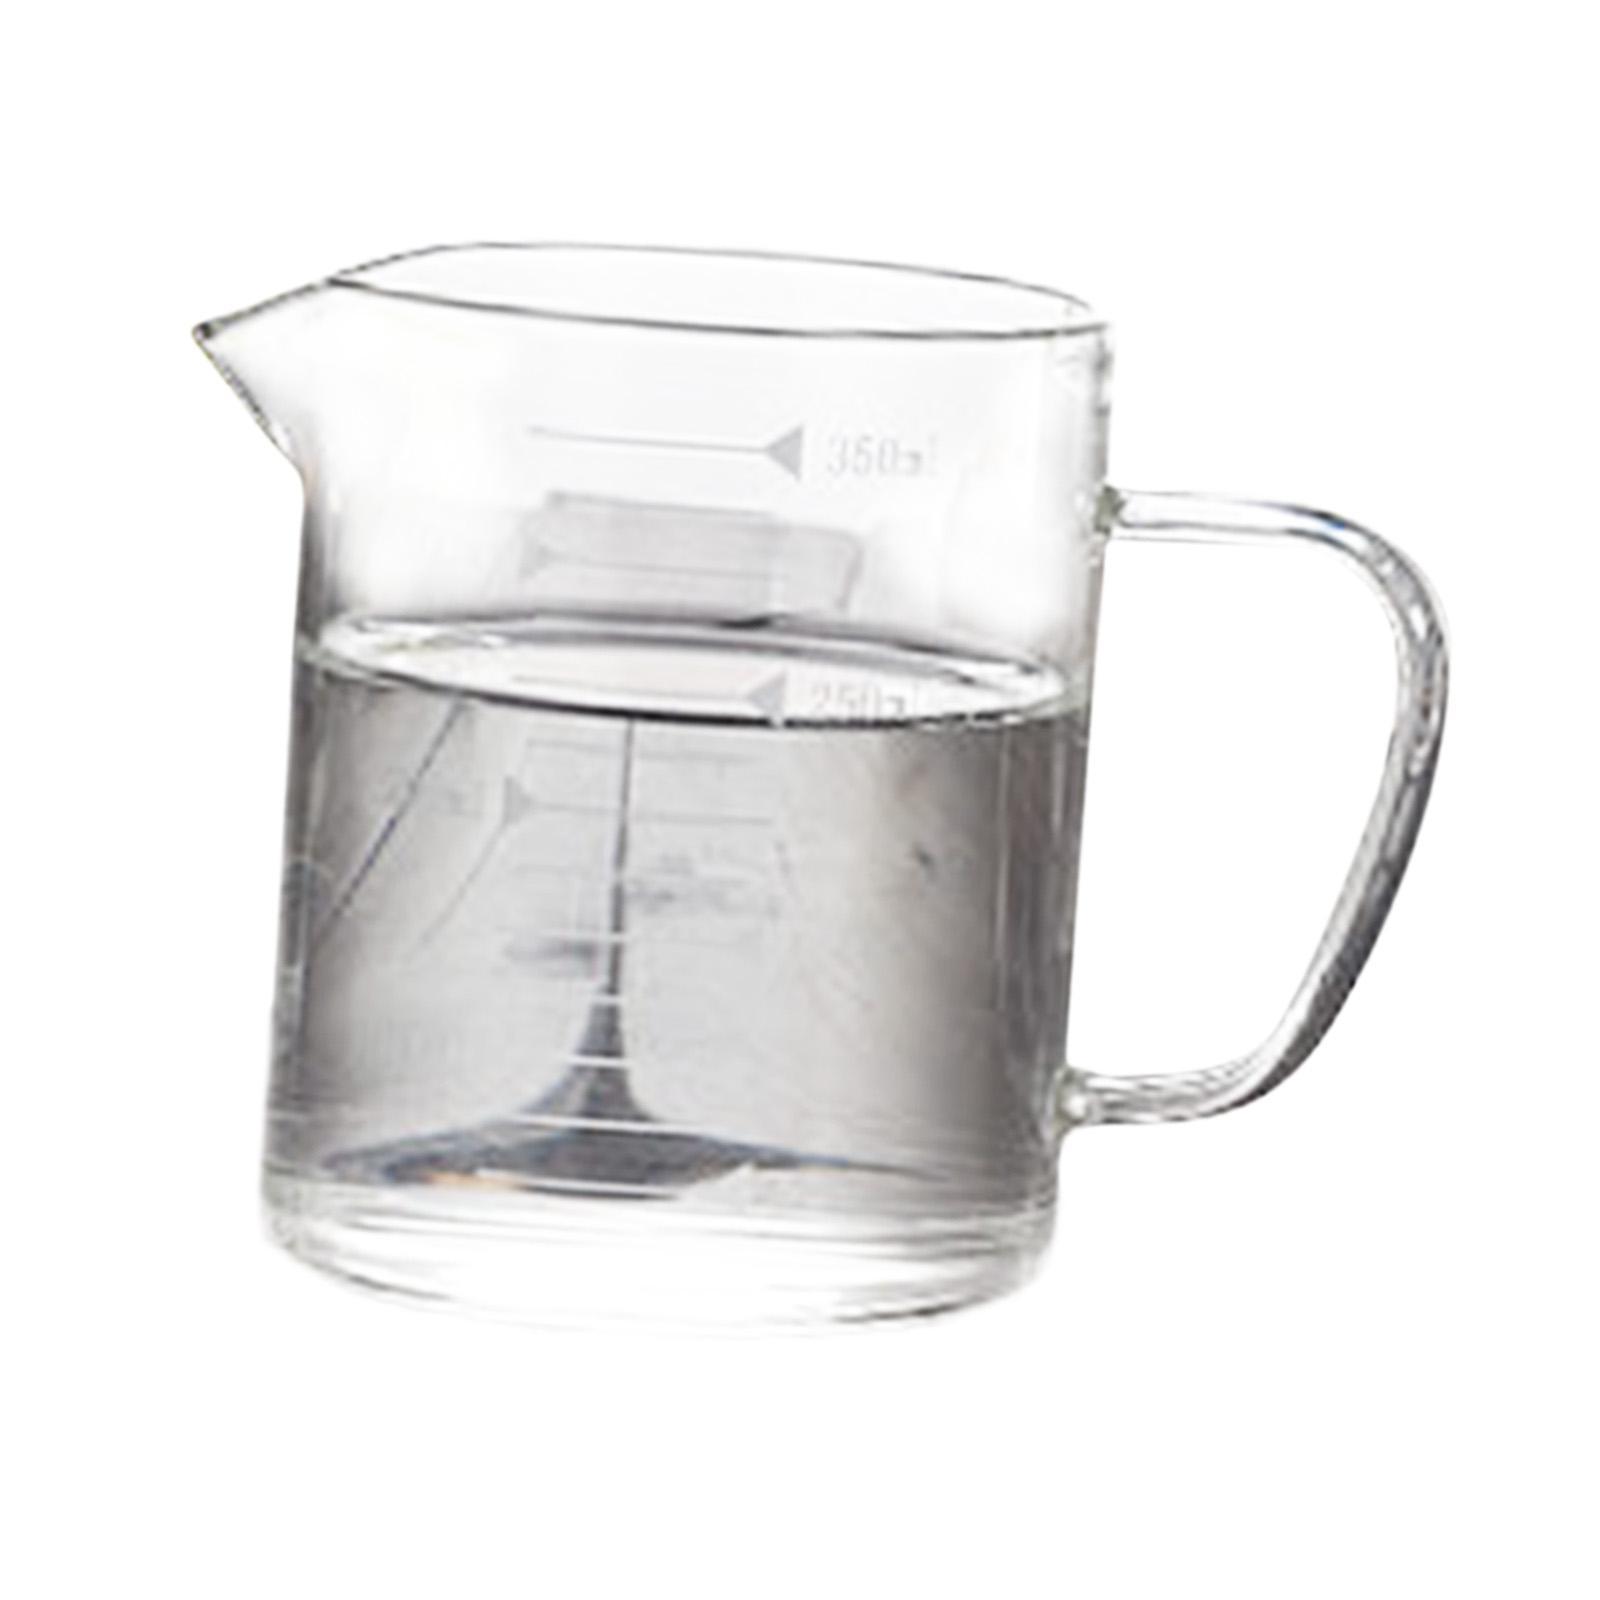 Misurino-in-vetro-borosilicato-con-intervalli-di-250-500ML-Accessori-da-cucina miniatura 16